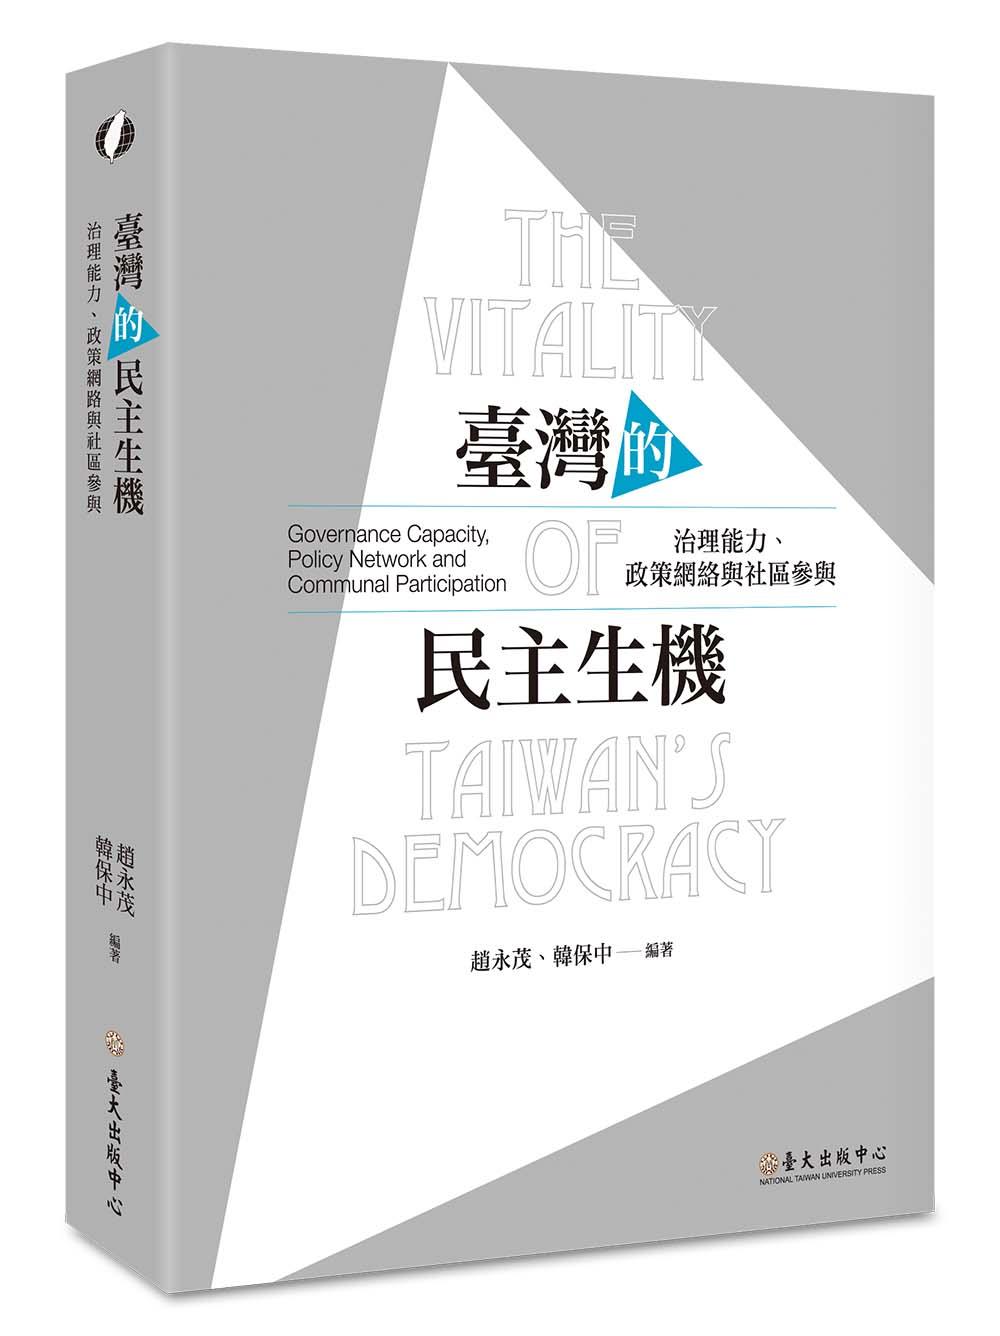 臺灣的民主生機──治理能力、政策網絡與社區參與